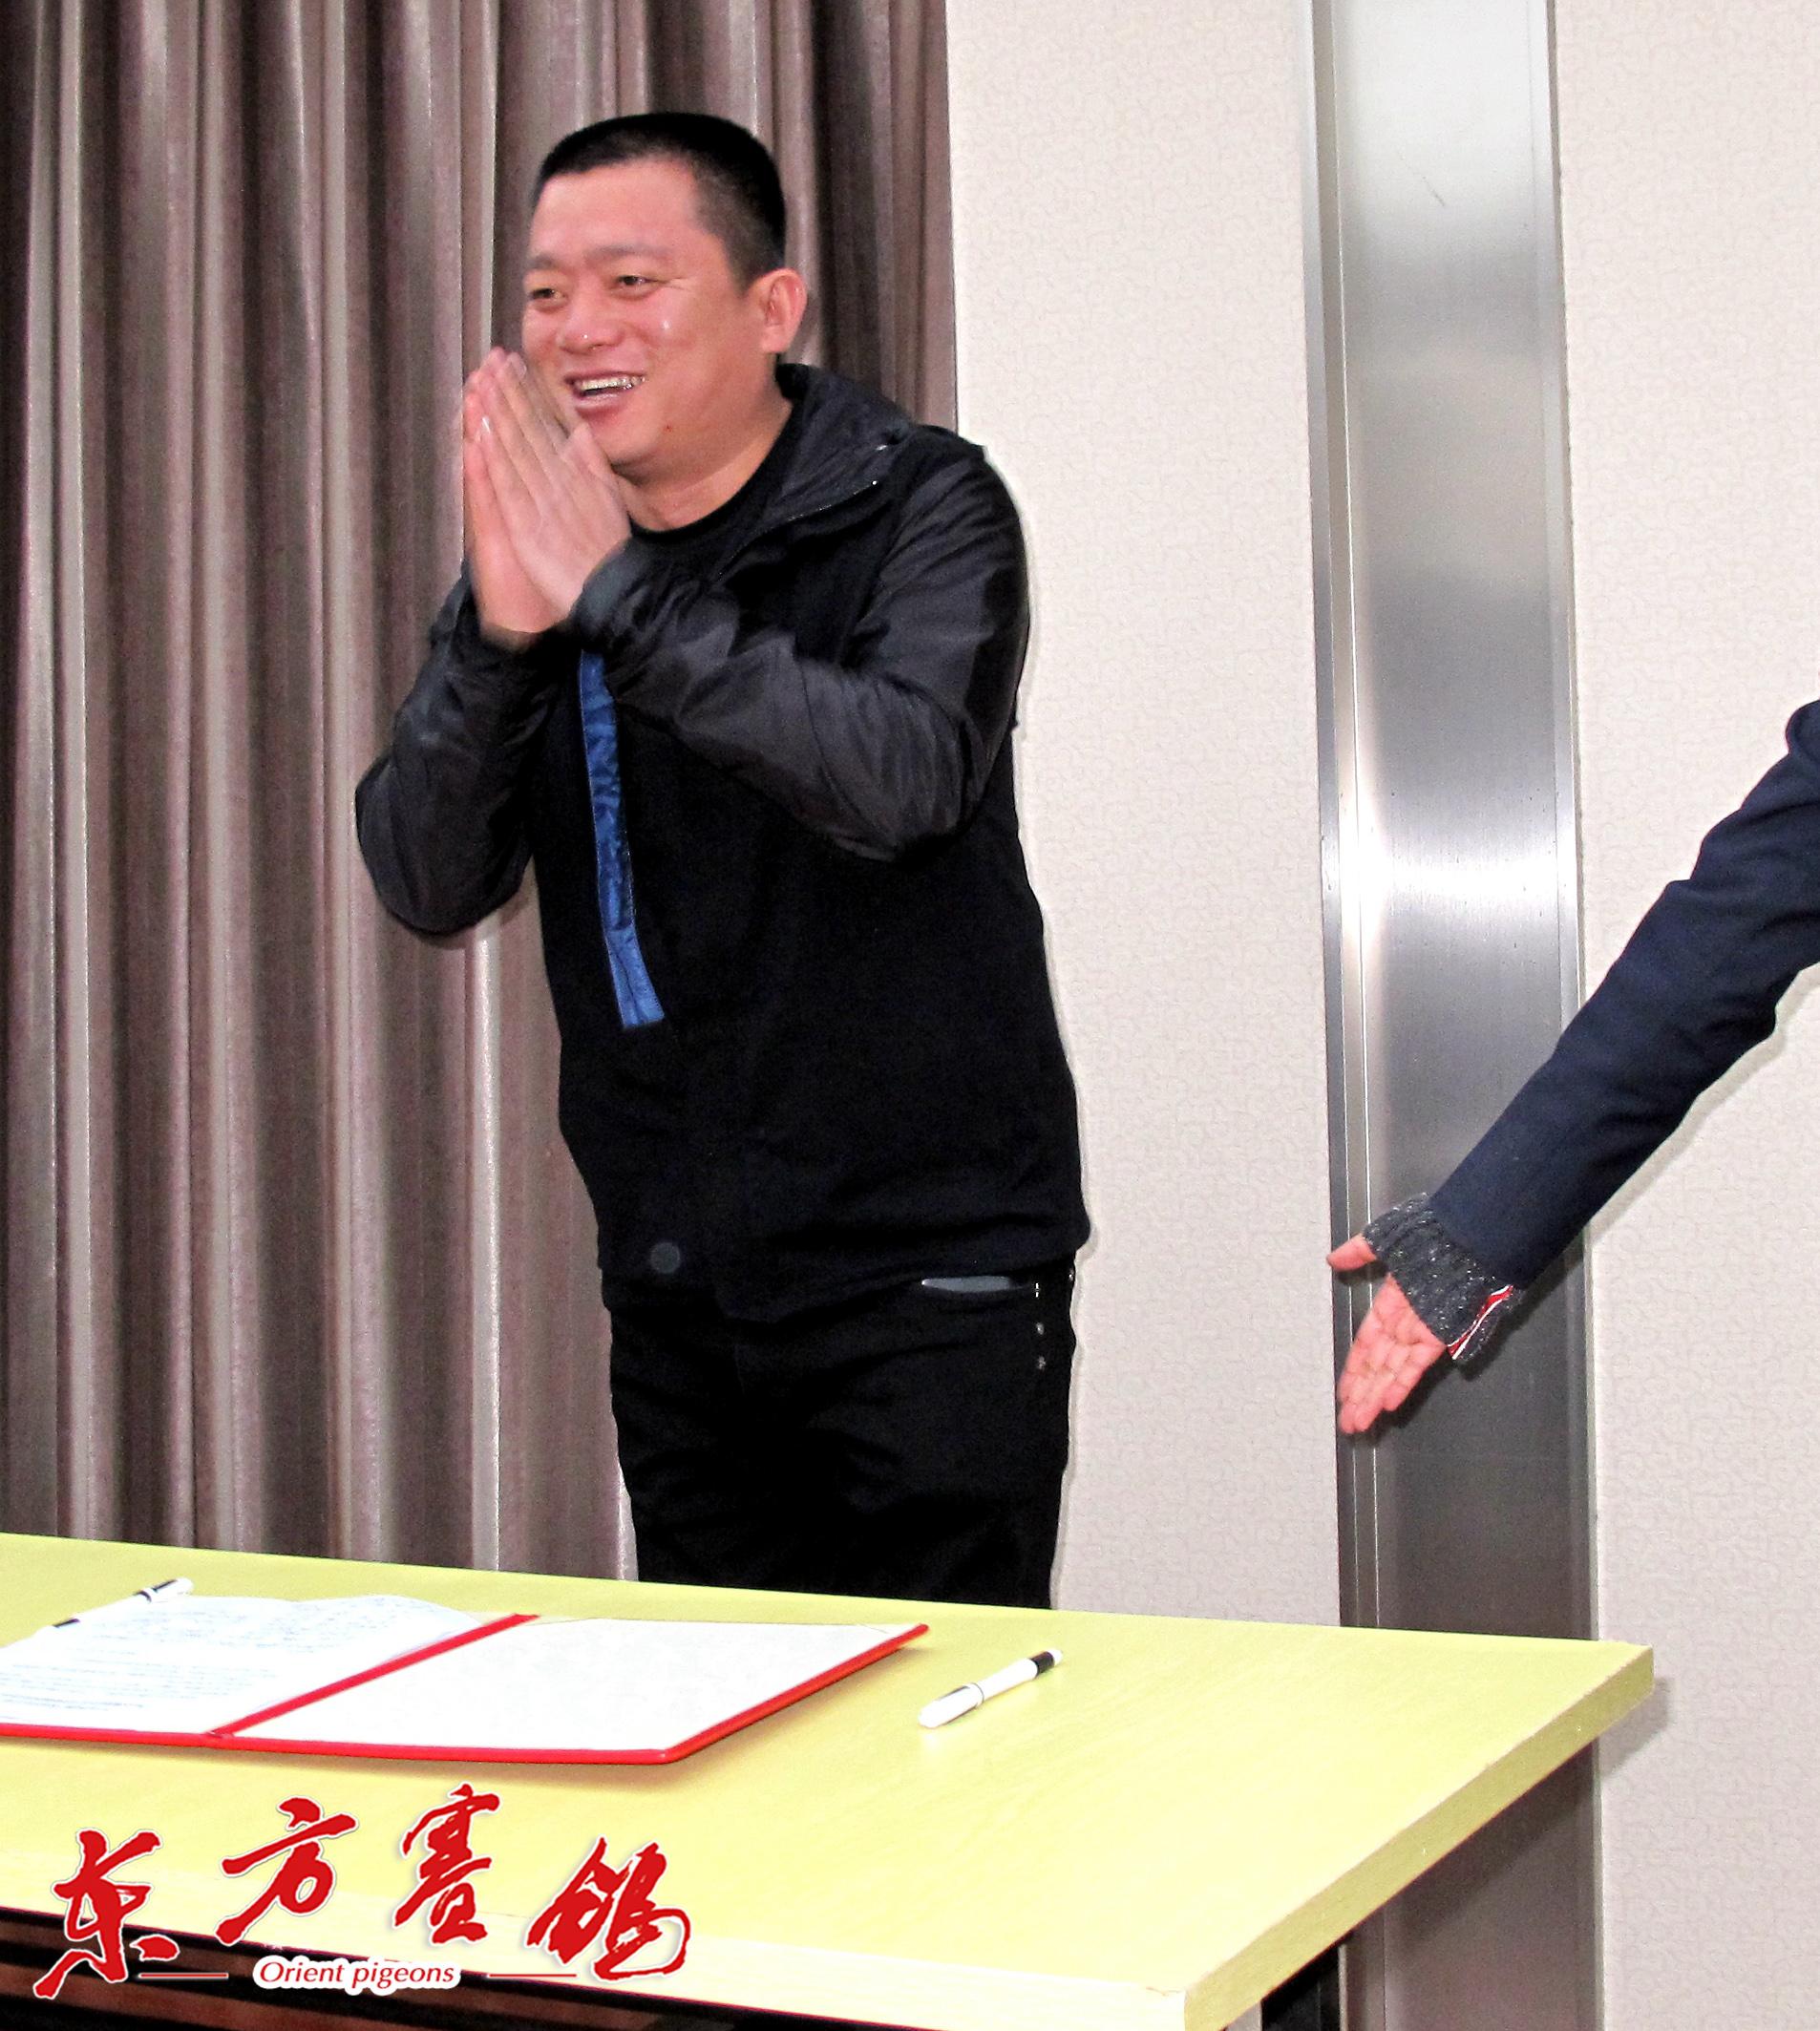 22、河北唐山市鸽友代表唐山阳光鸽舍王秀强在打击网鸽协议书上签字。